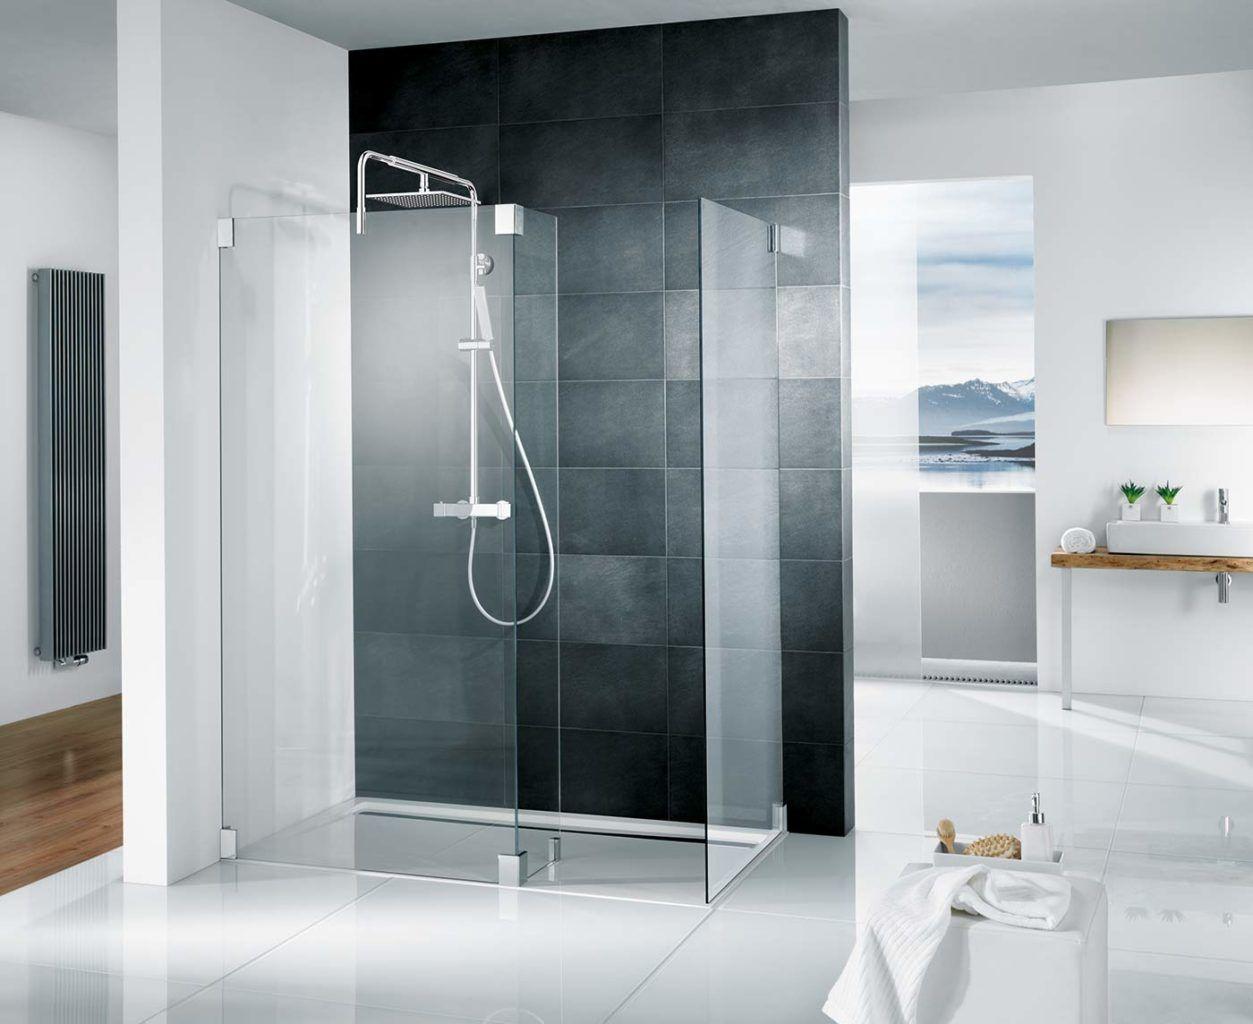 Walk In Duschen In Top Design 15 Beispiele Die Beeindrucken Duschabtrennung Walk In Dusche Dusche